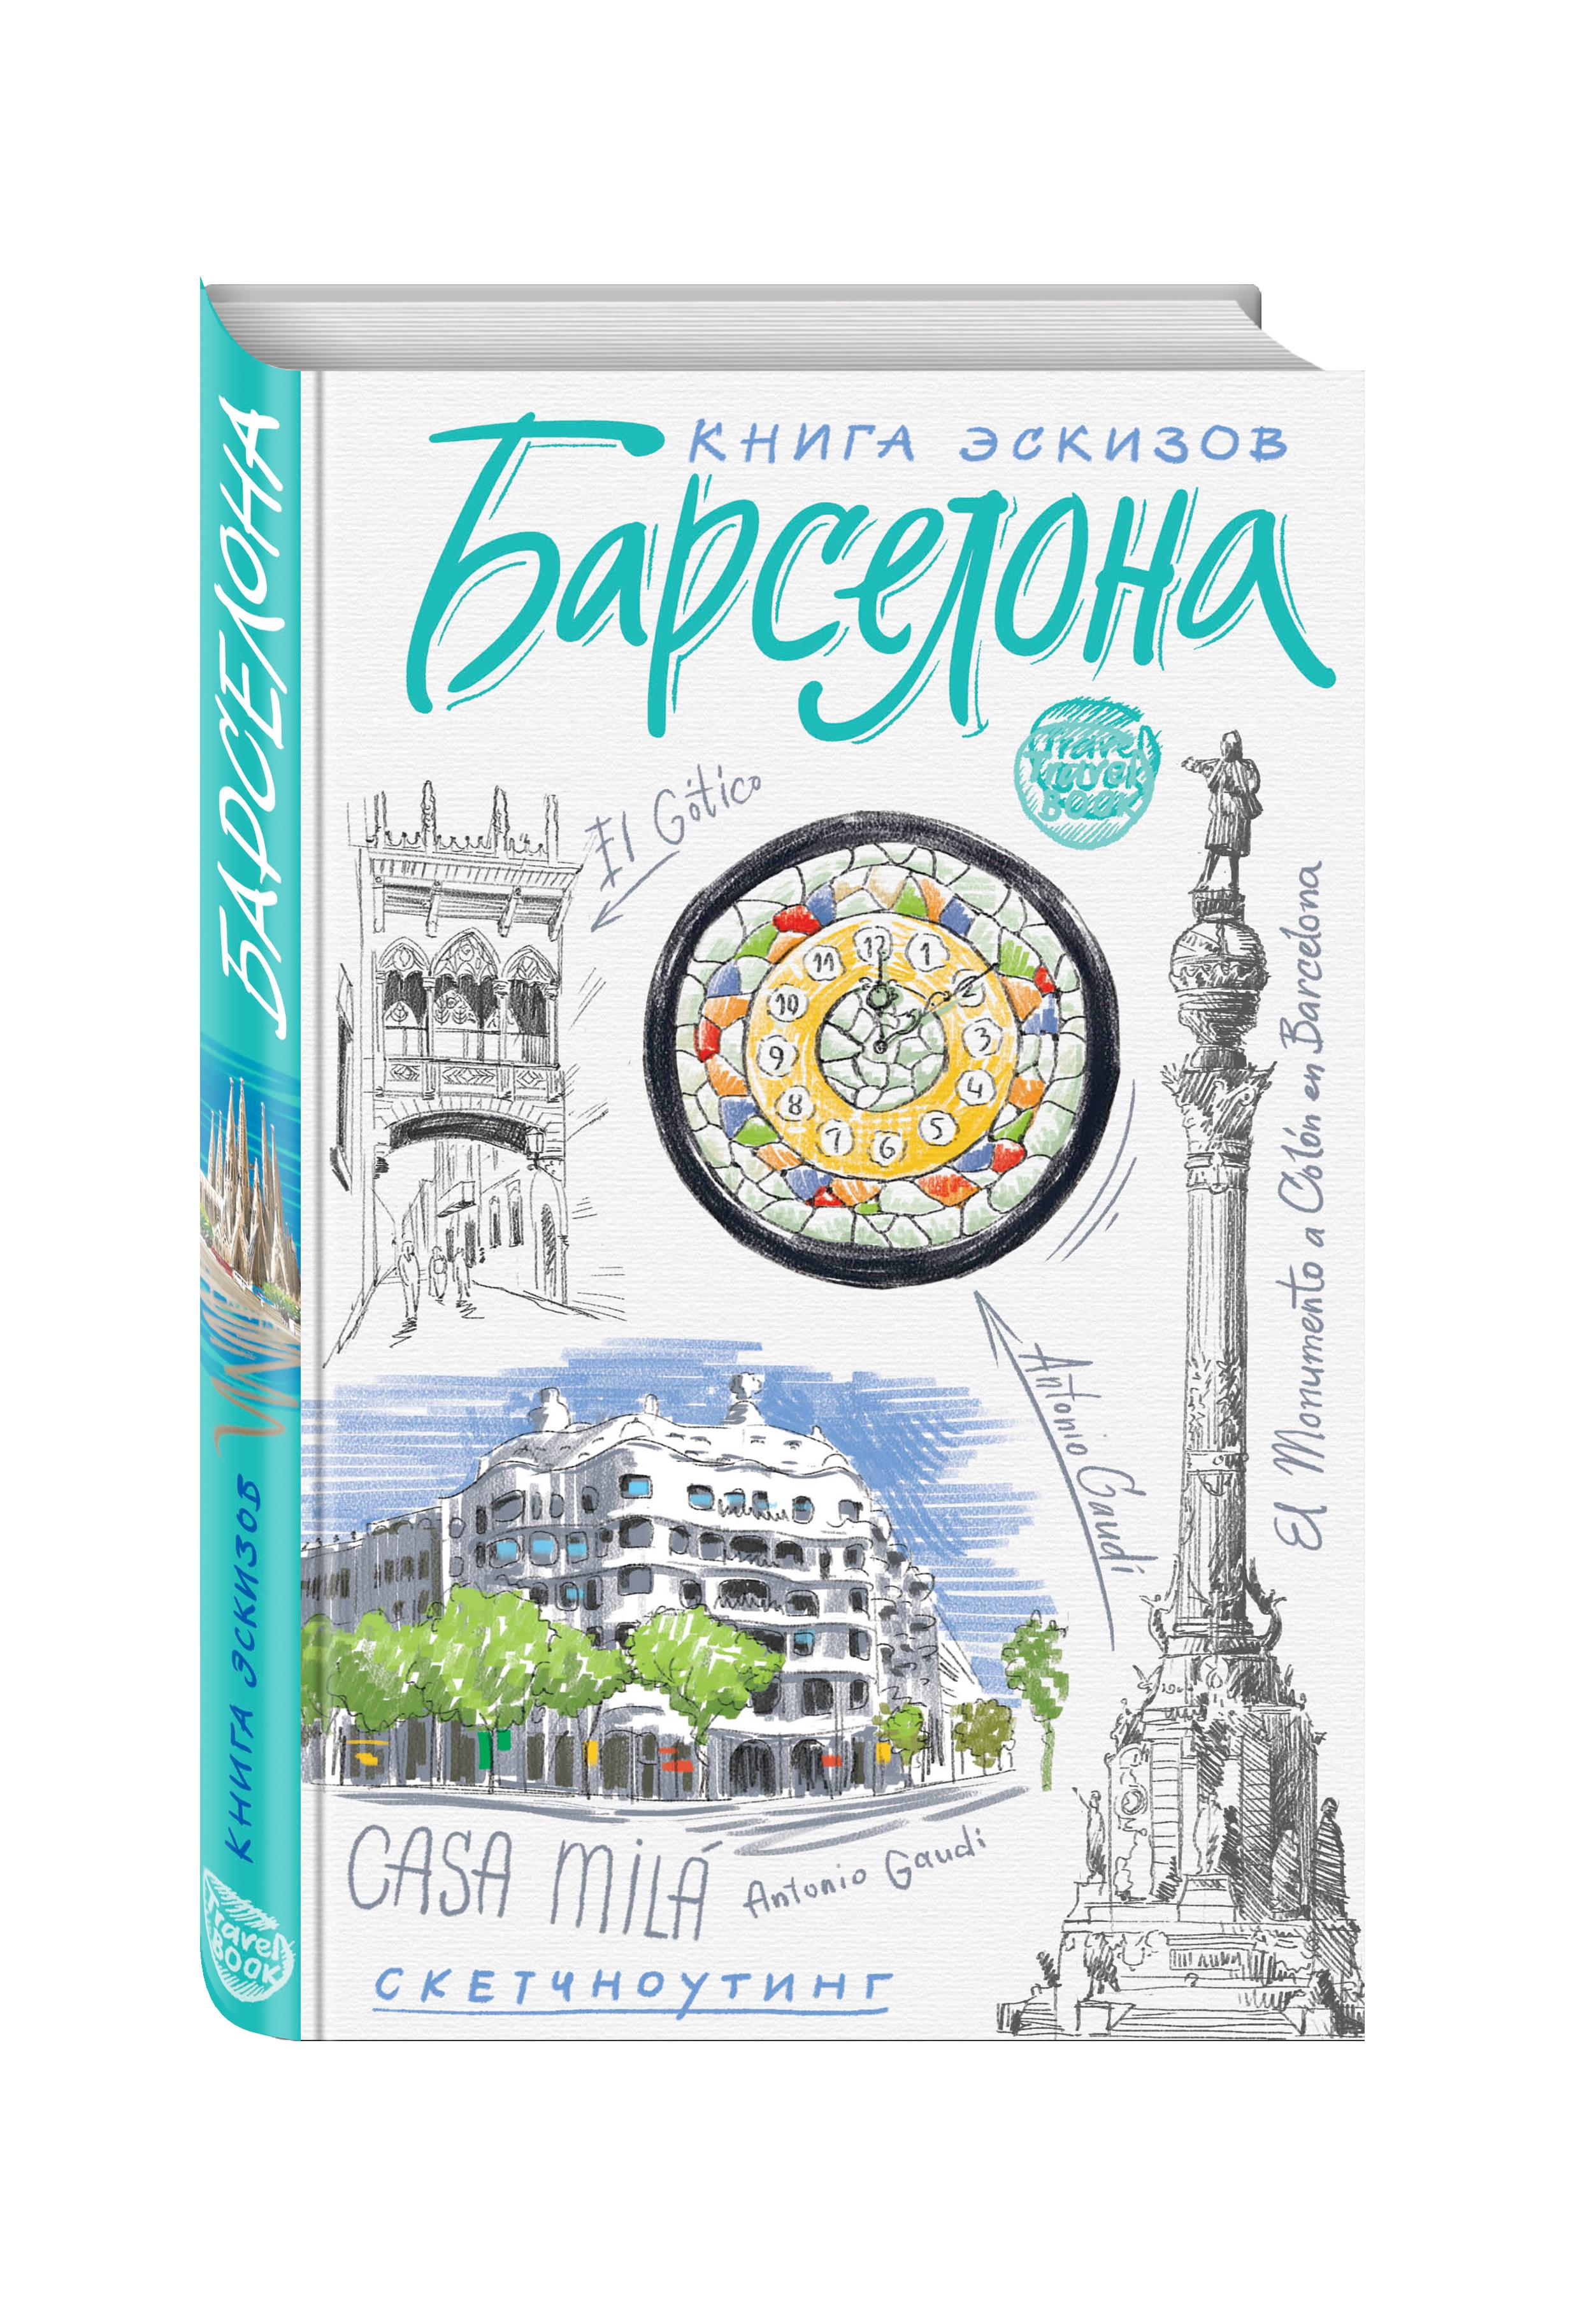 Барселона. Книга эскизов. Искусство визуальных заметок (белый)